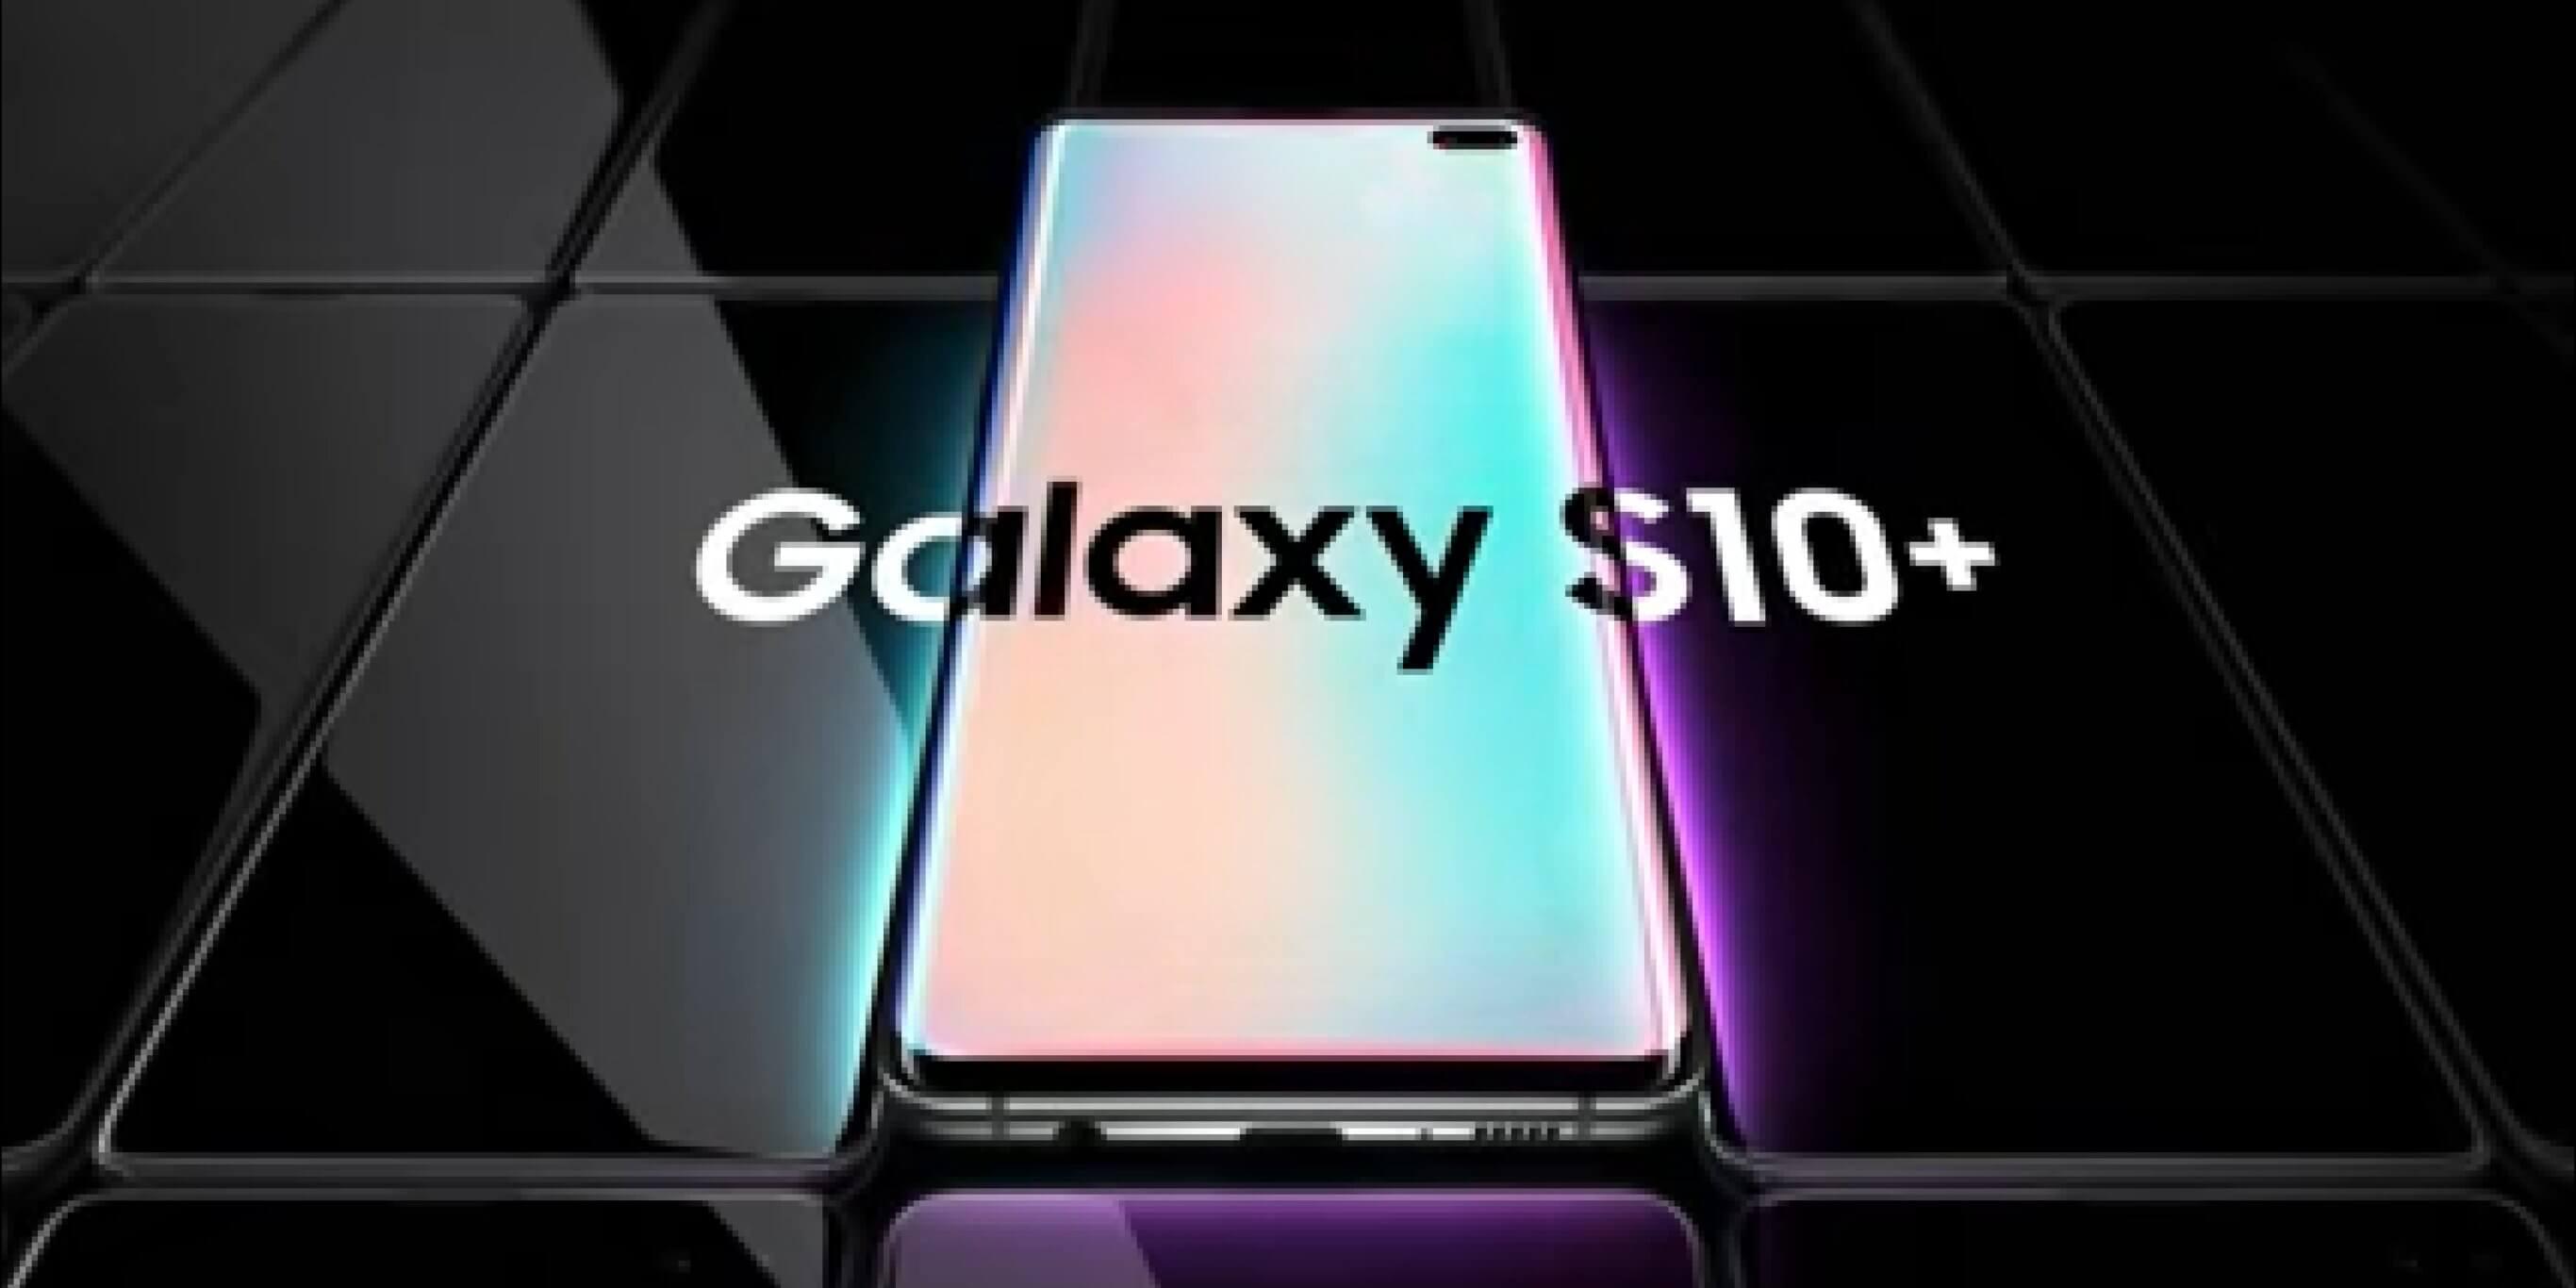 Caracteristicas Galaxy S10 plus en detalle: Especificaciones técnicas